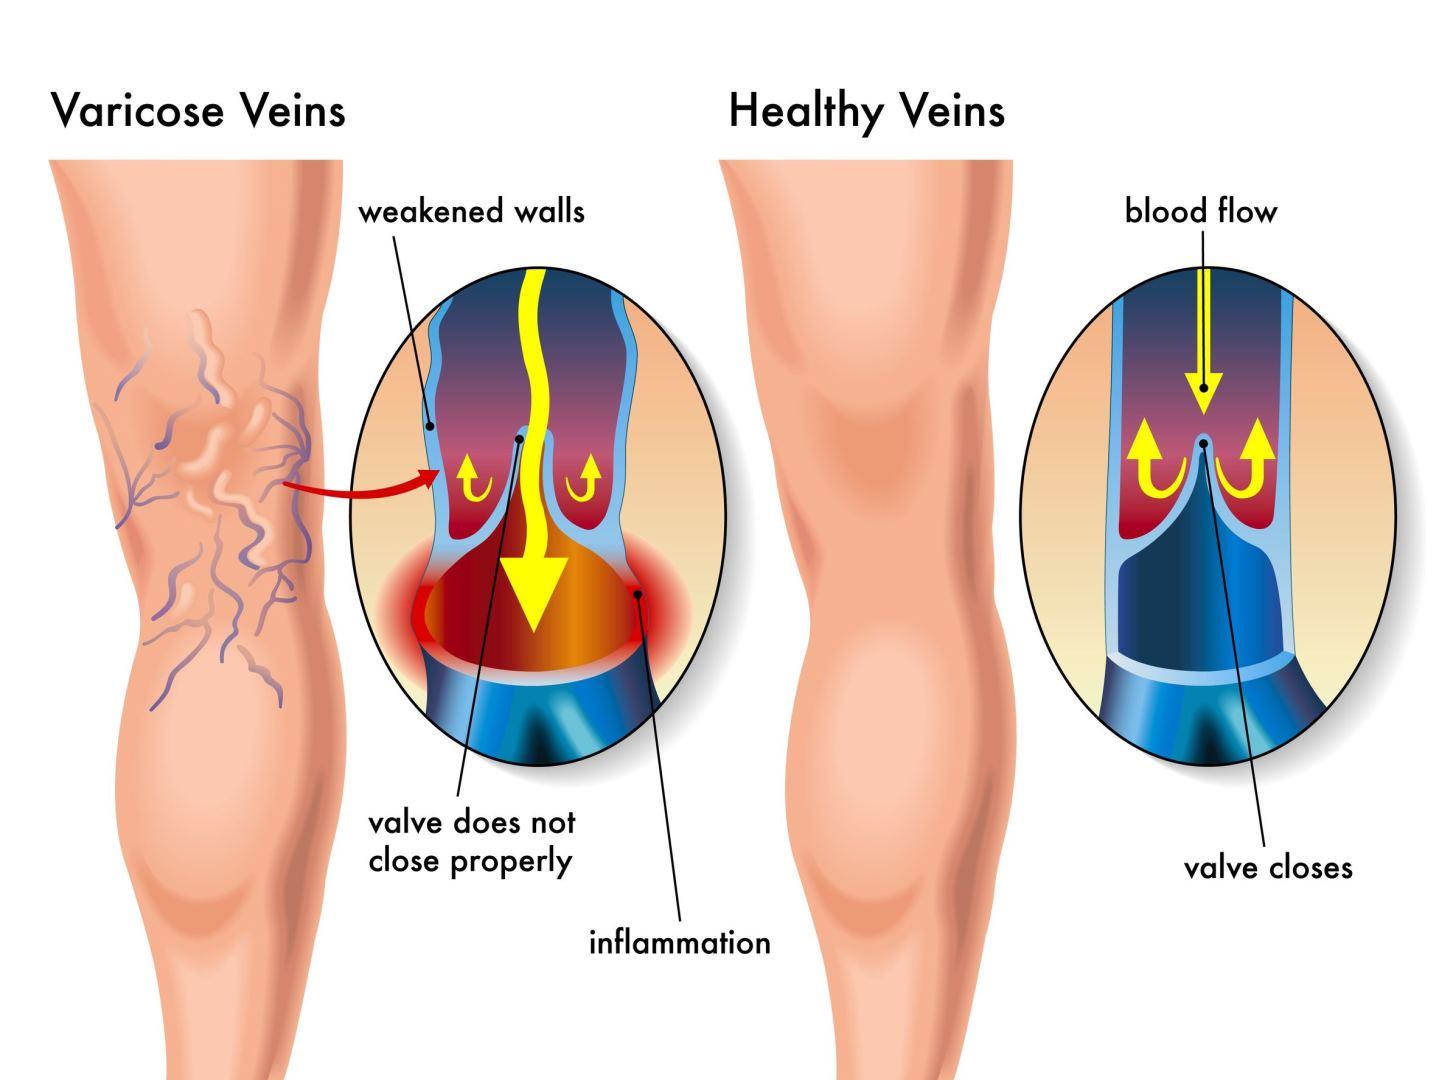 venų varikozė ir hipertenzija